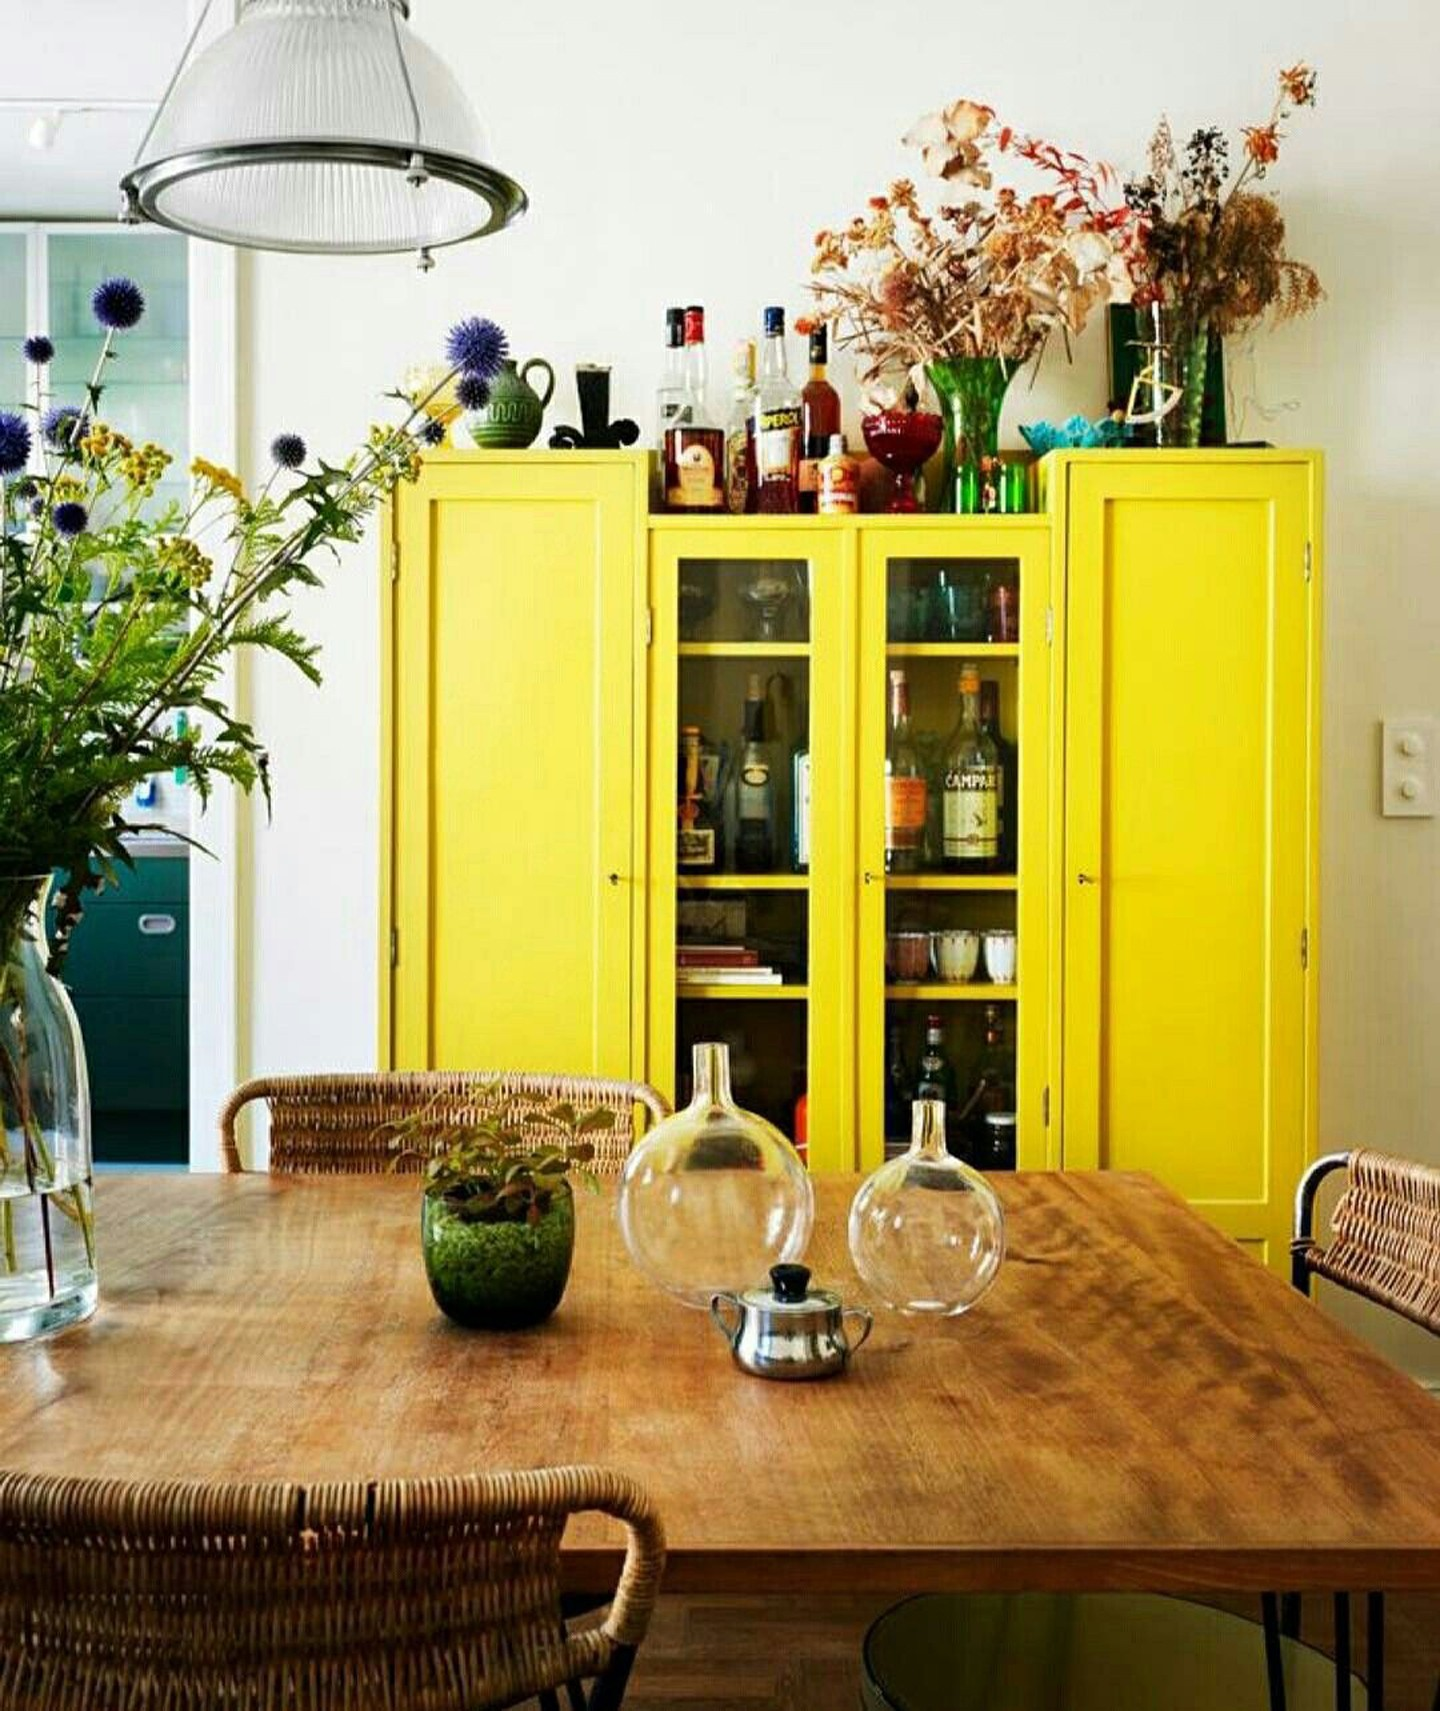 Décor do dia: móvel colorido é destaque na sala de jantar  (Foto: Divulgação)